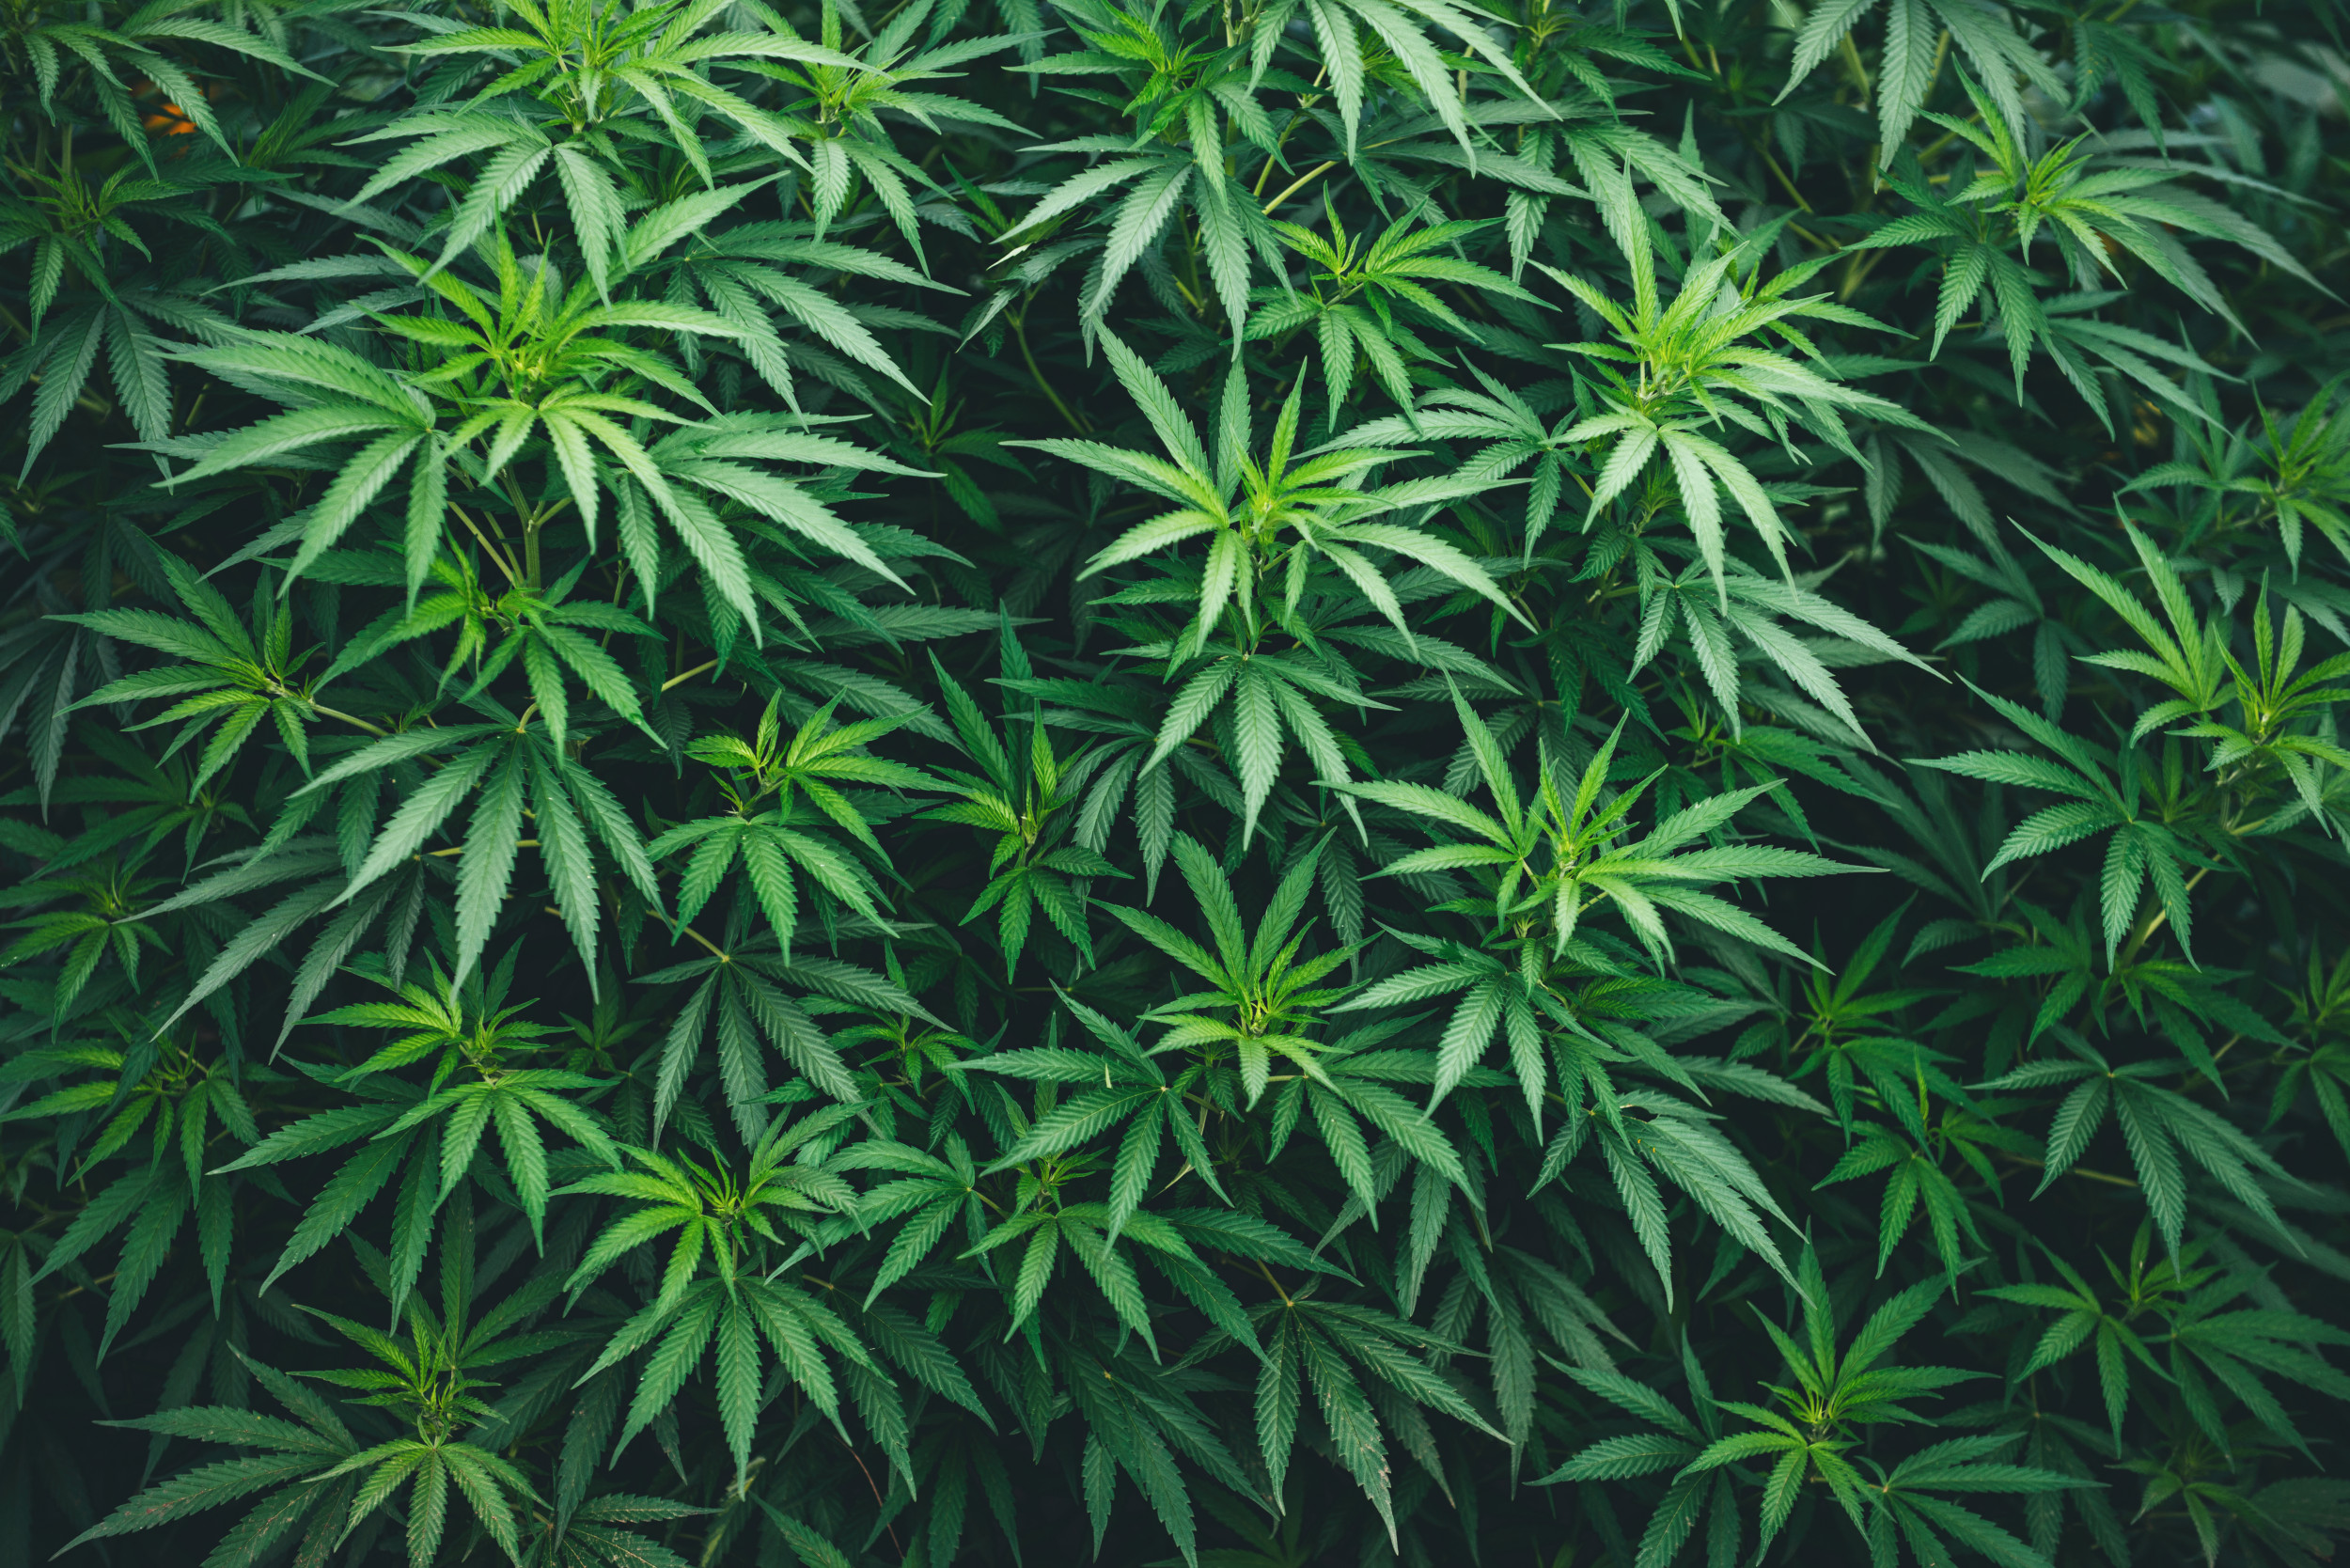 Man Caught Driving With 1000 Marijuana Plants In His Van Told